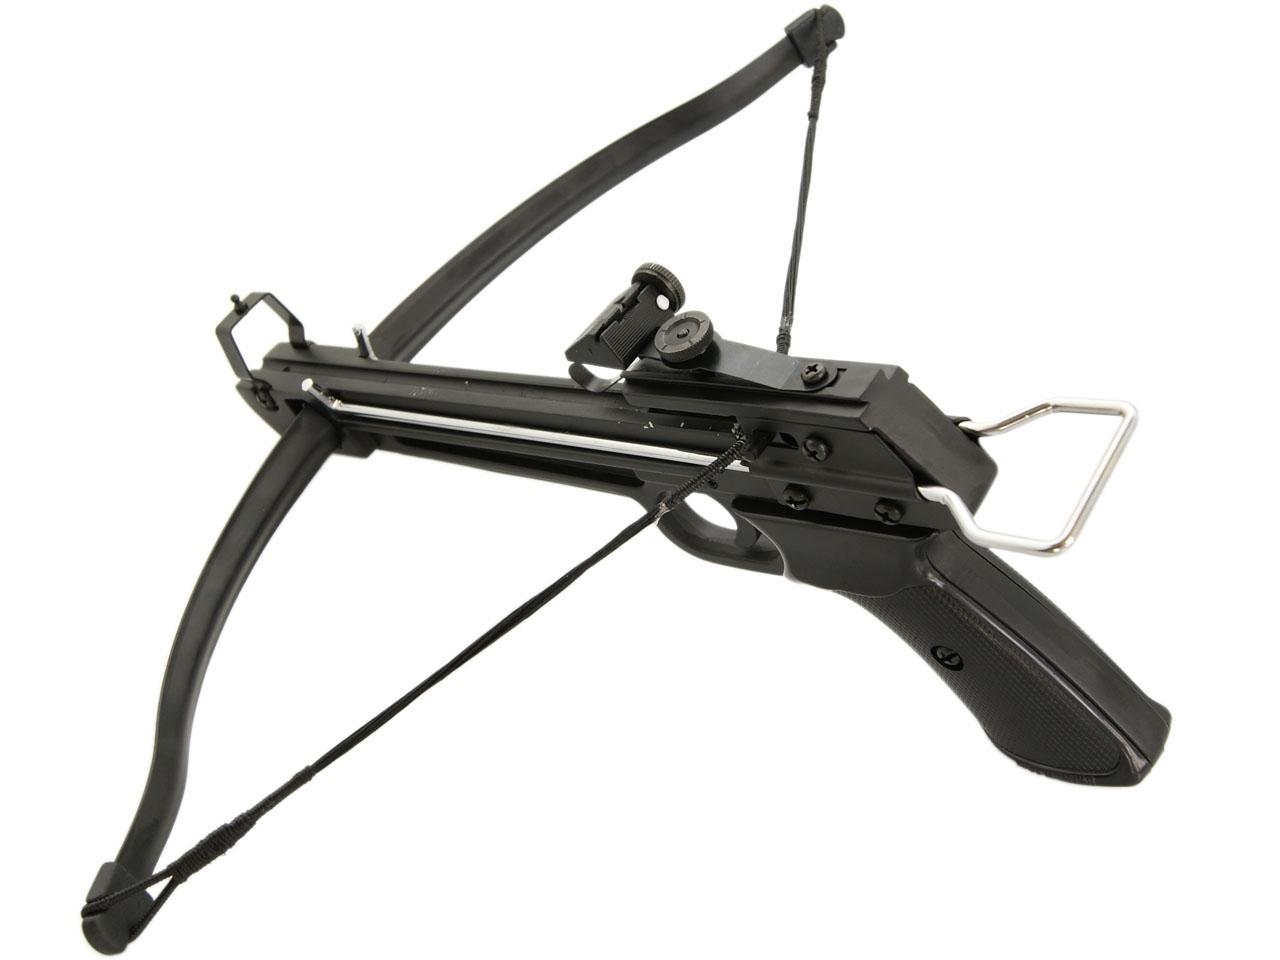 Kuše pistolová Fox MKE A1 50lbs